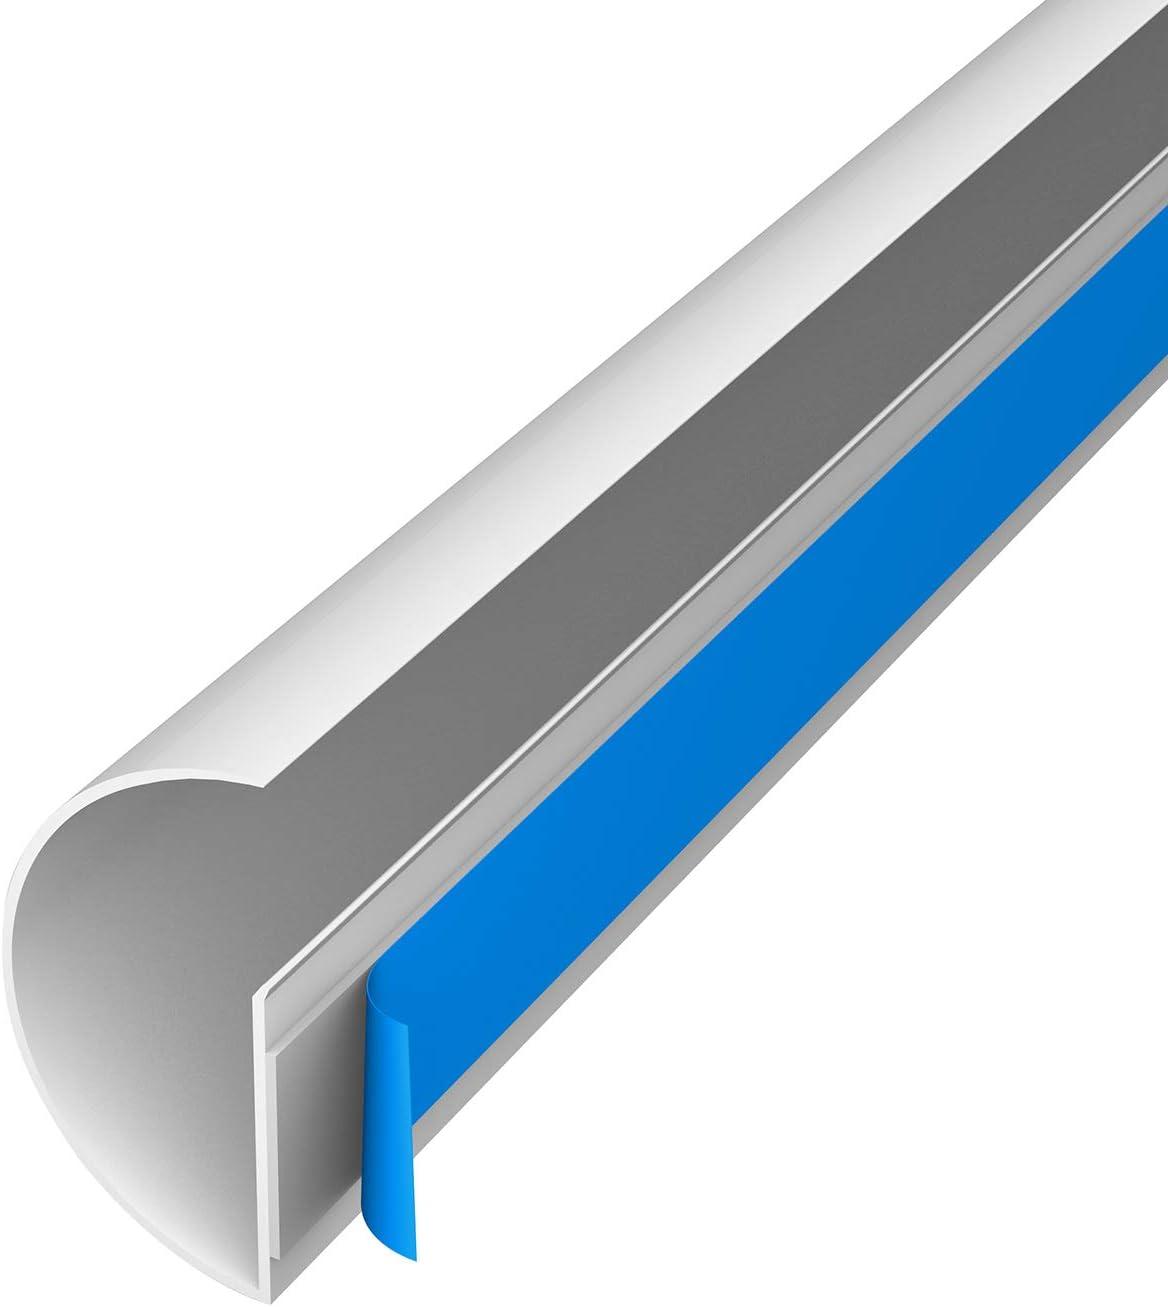 Viertelstabprofil als L/ösung zum Sortieren von Kabeln L - 22x22mm x 1 Meter Wei/ß Kabelmanagementl/ösung f/ür Ecken D-Line Quadrant CableTraC Beliebte Alternative f/ür den Fu/ßbodenabschluss